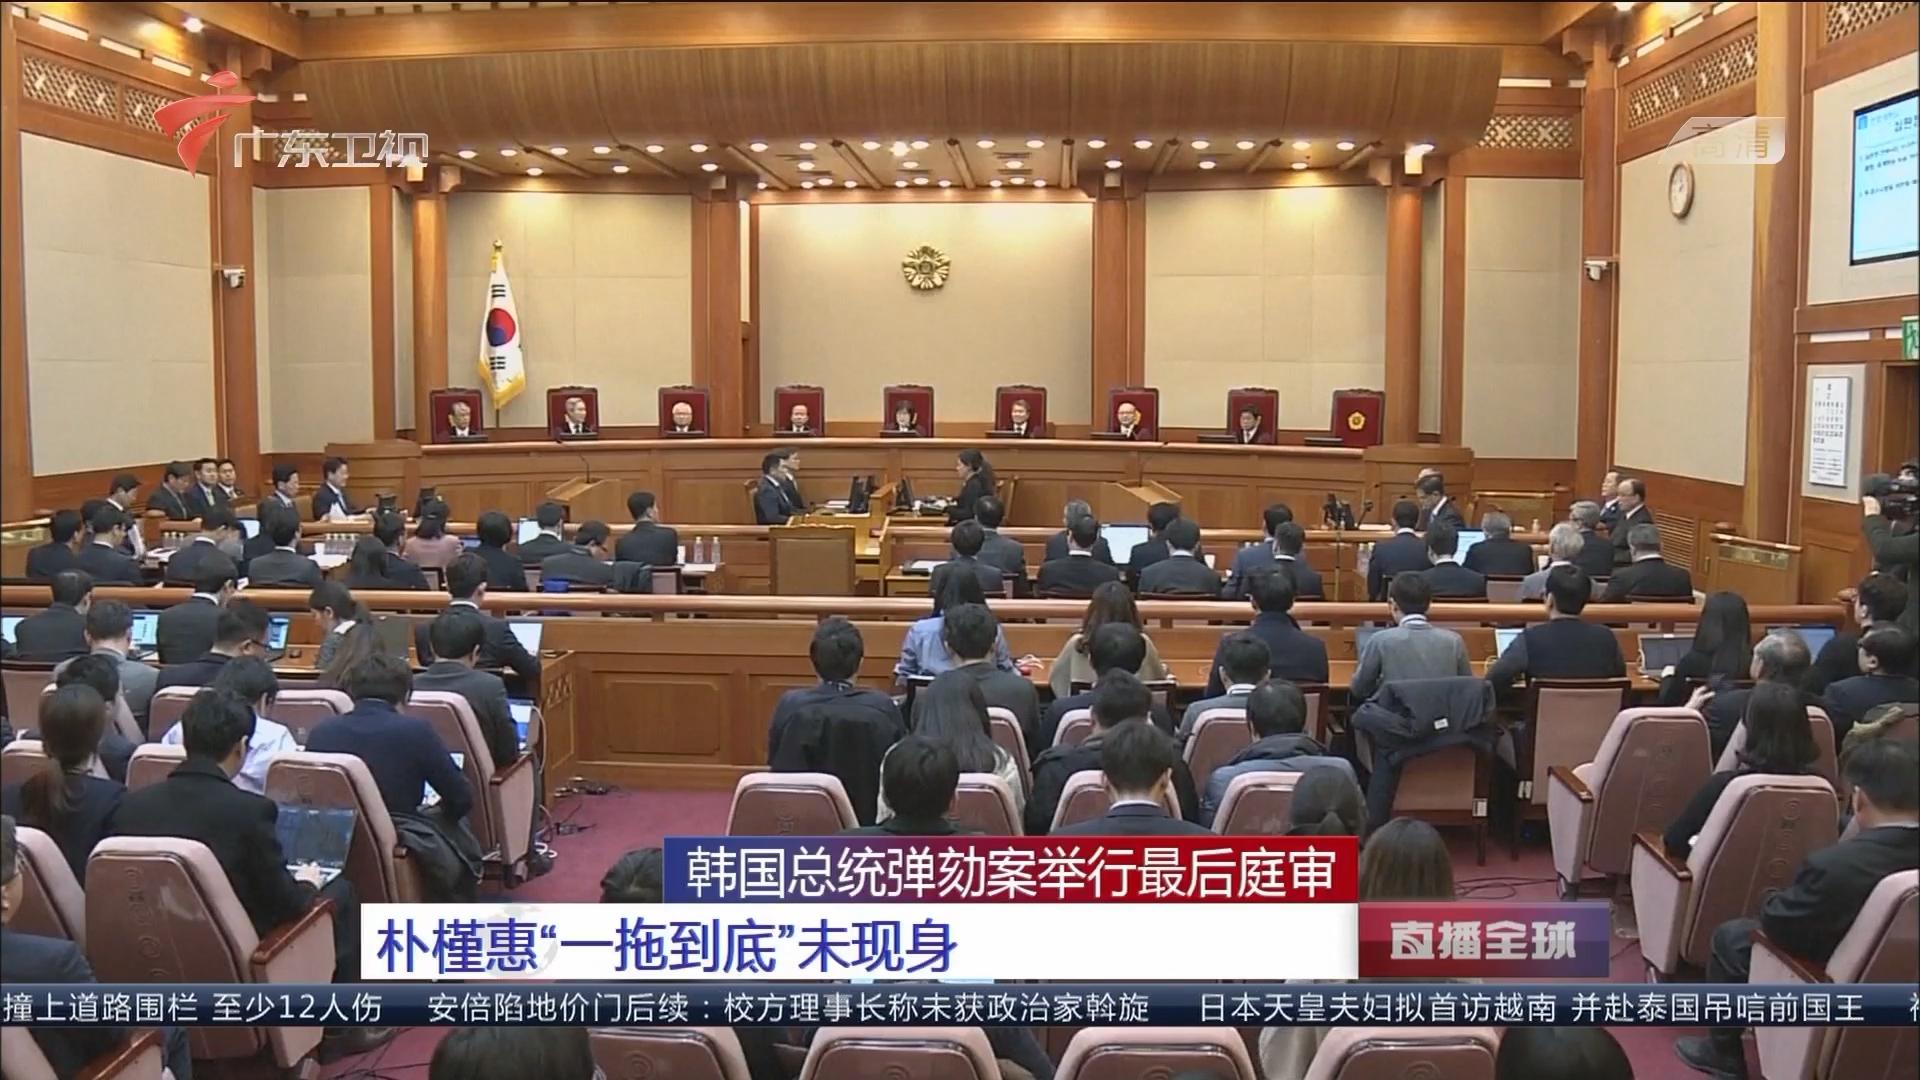 """韩国总统弹劾案举行最后庭审 朴槿惠""""一拖到底""""未现身"""